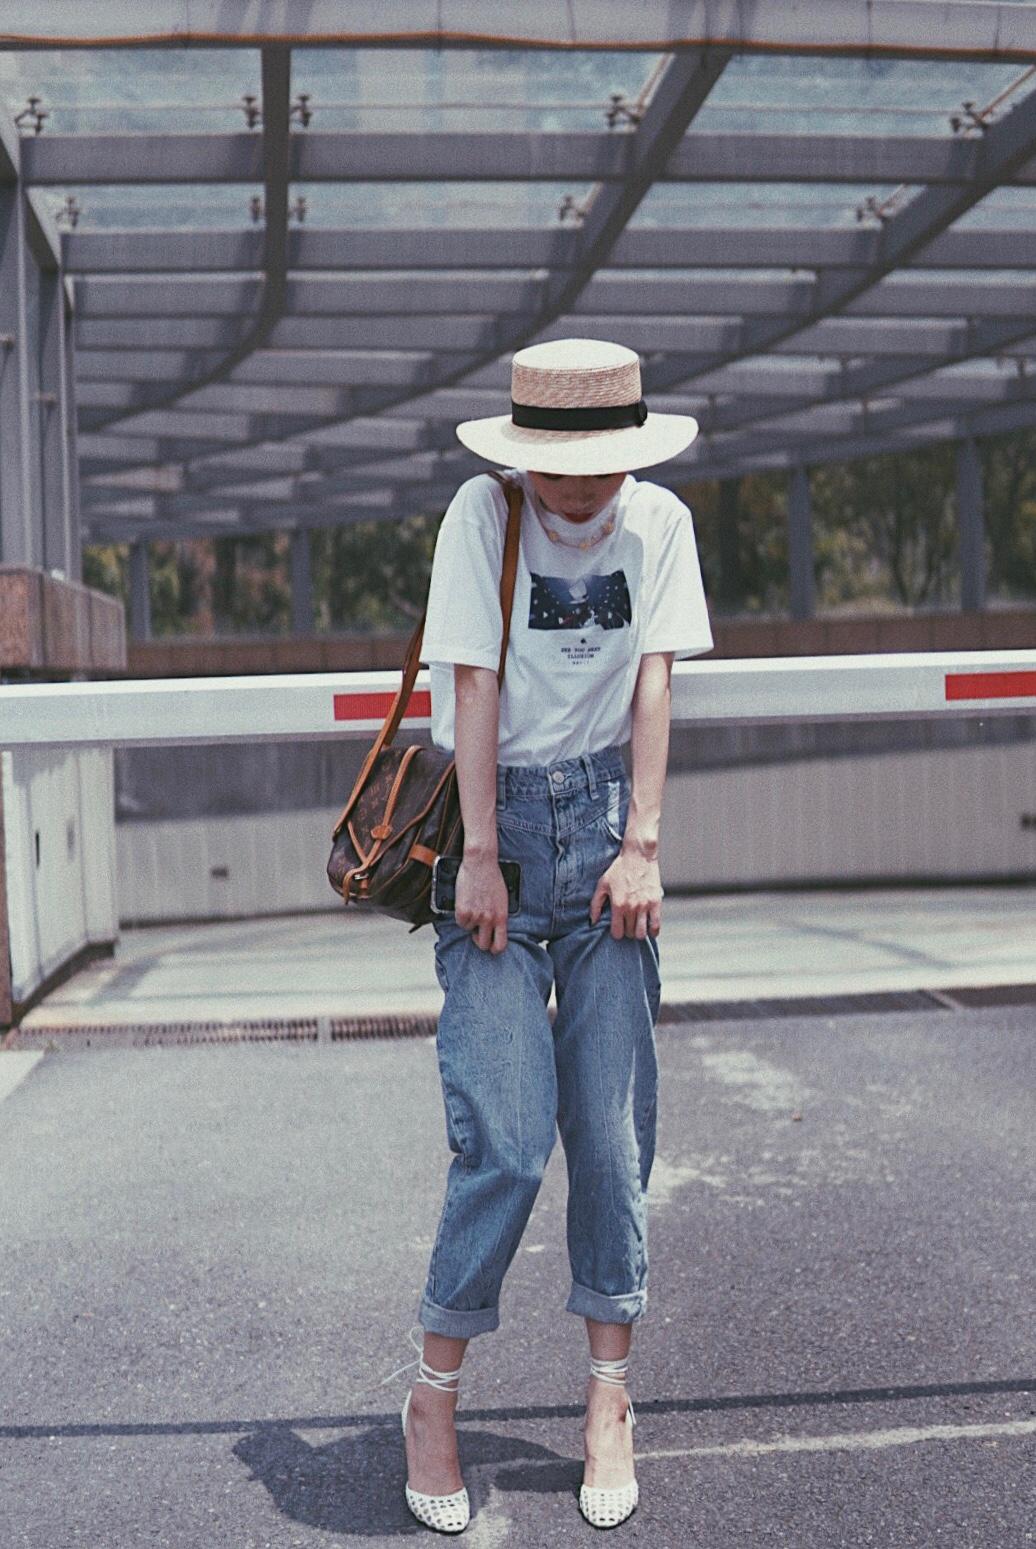 #5月不减肥,6月照样筷子腿!# 优衣库和柯南联名款T 恤,是近期最爱的单品之一了。搭配的是高腰牛仔长裤和坡跟凉鞋,拉长下半身比例做长腿女孩。值得提到的是,这双凉鞋真的非常显高哦,而且即使不会穿高跟鞋的人穿着也无压力,很稳不崴脚哦。像这样搭配一个高腰牛仔裤,确实拥有筷子腿效果。